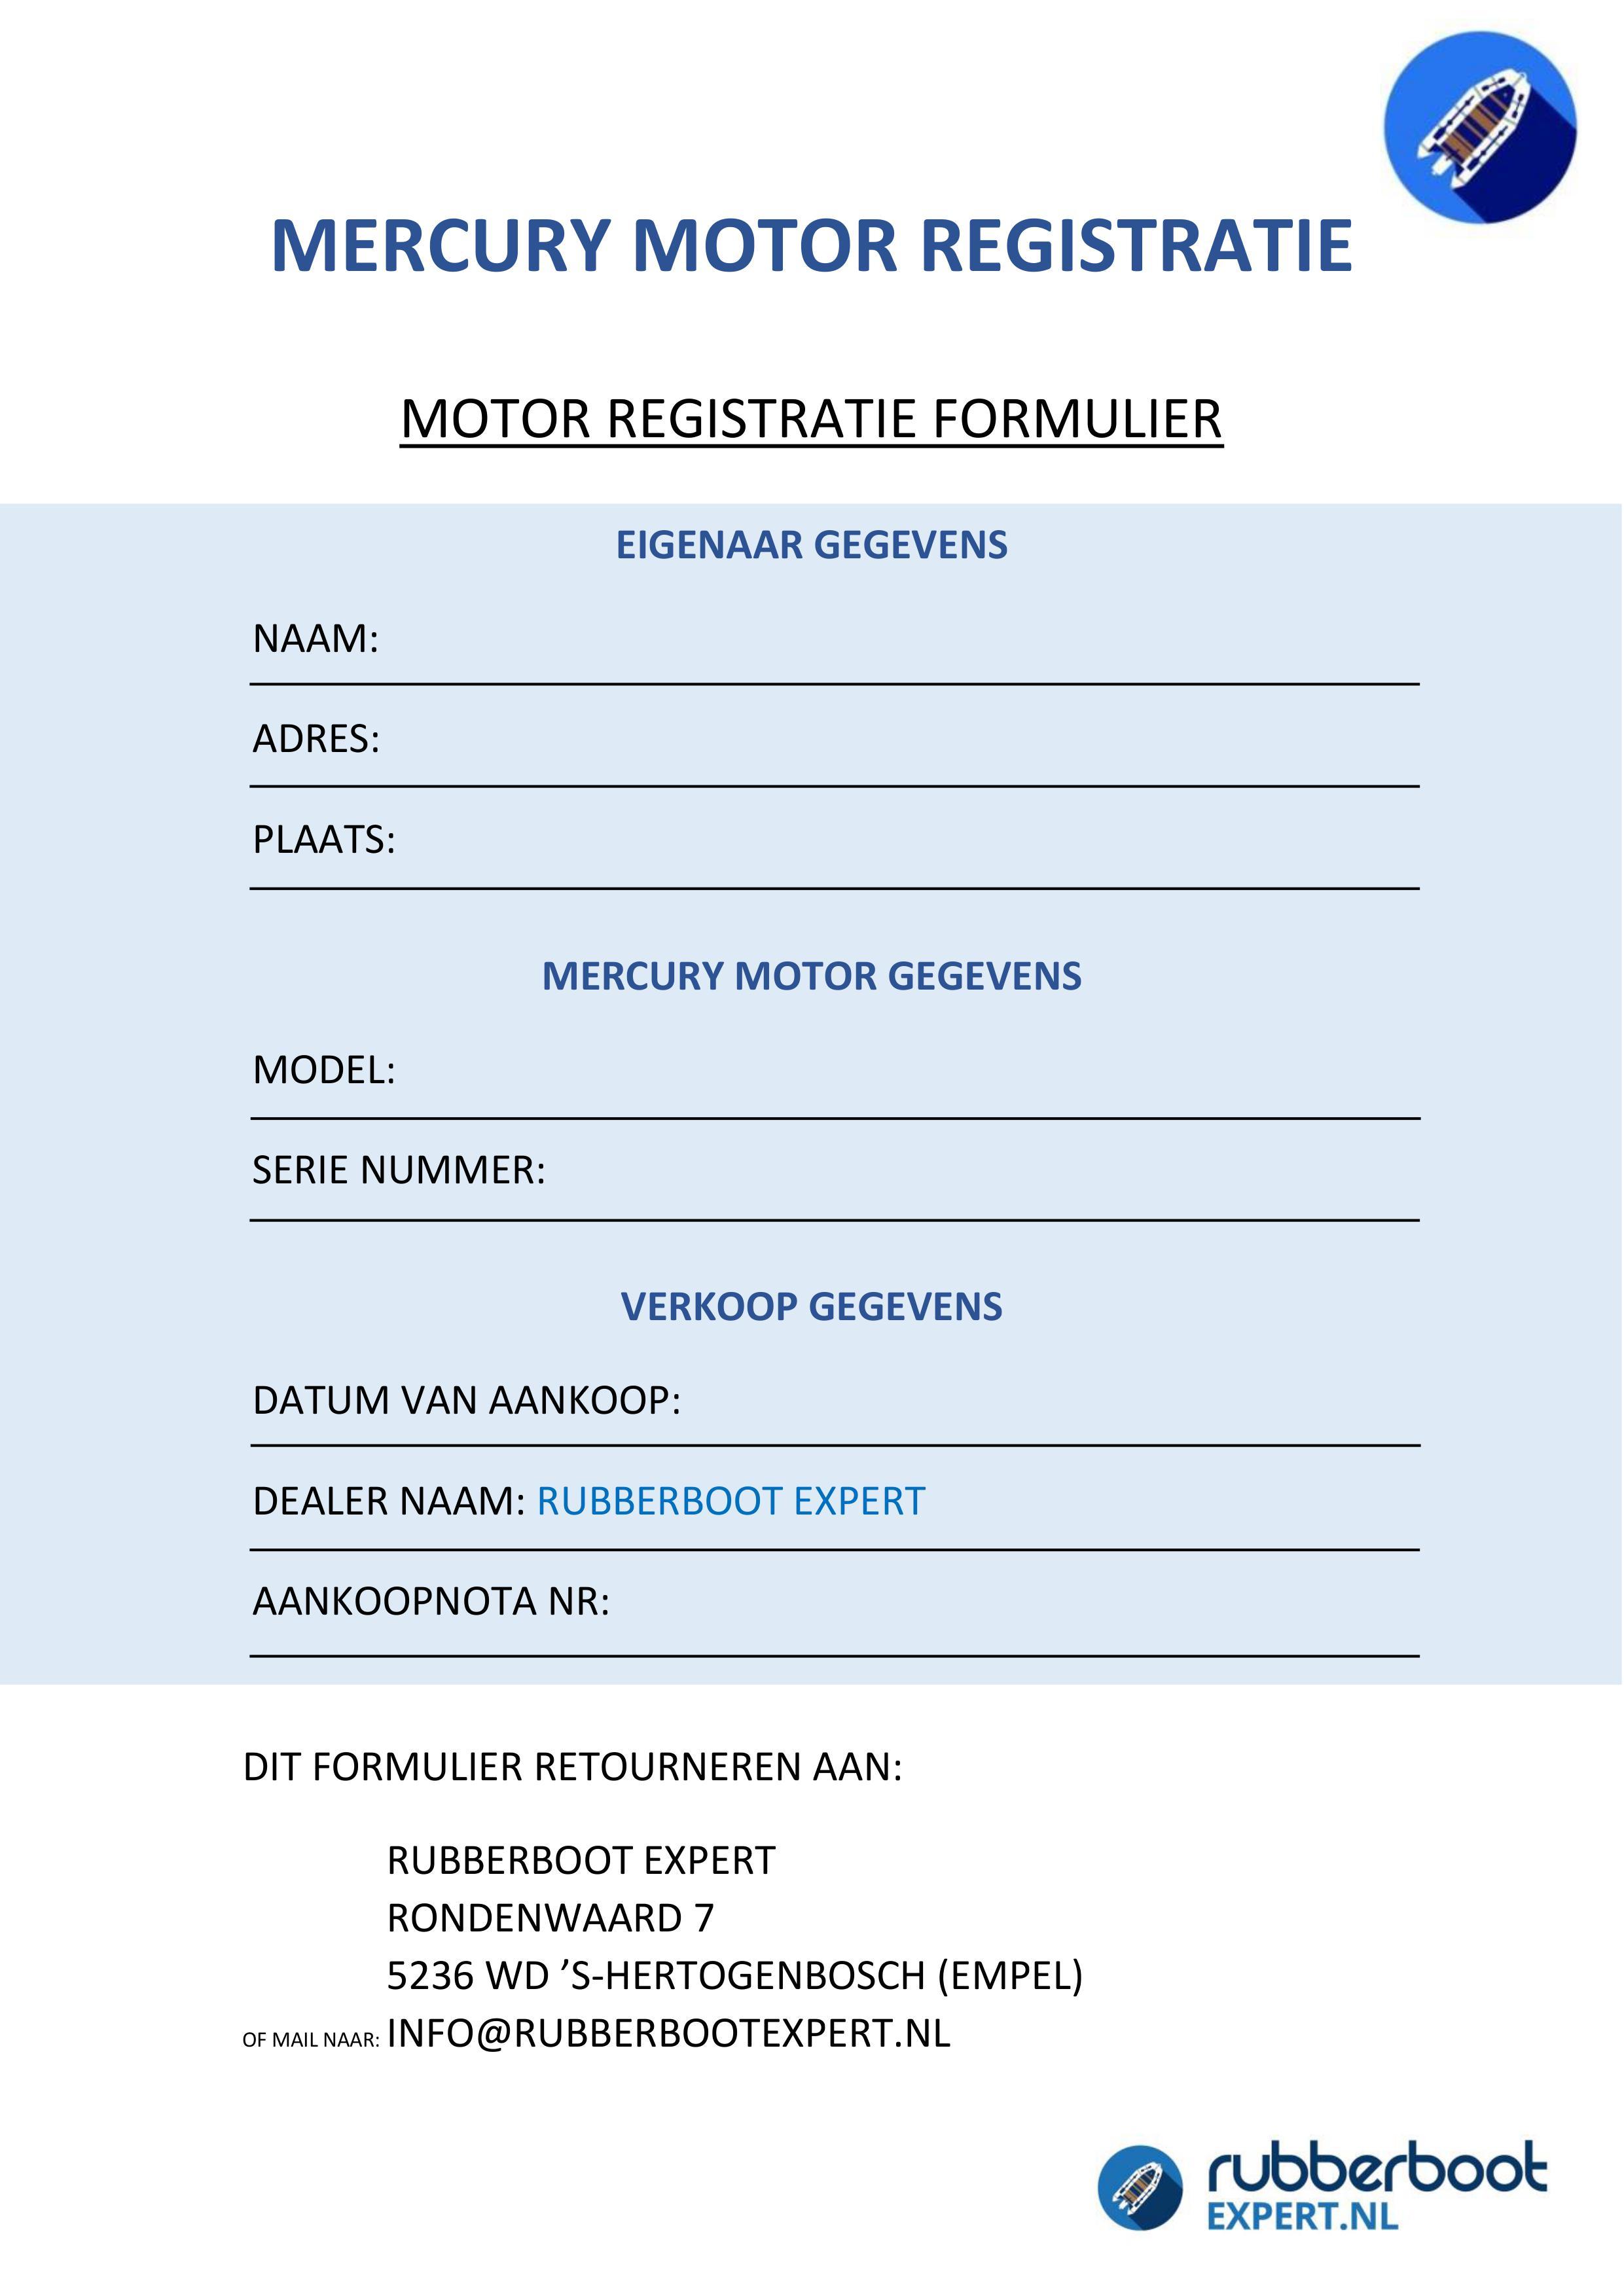 smetsersbeheer notificationsin de overige landen zal garantie en service niet mogelijk zijn wanneer de motor niet is geregistreerd als de motor geregistreerd is, is elke servicedealer